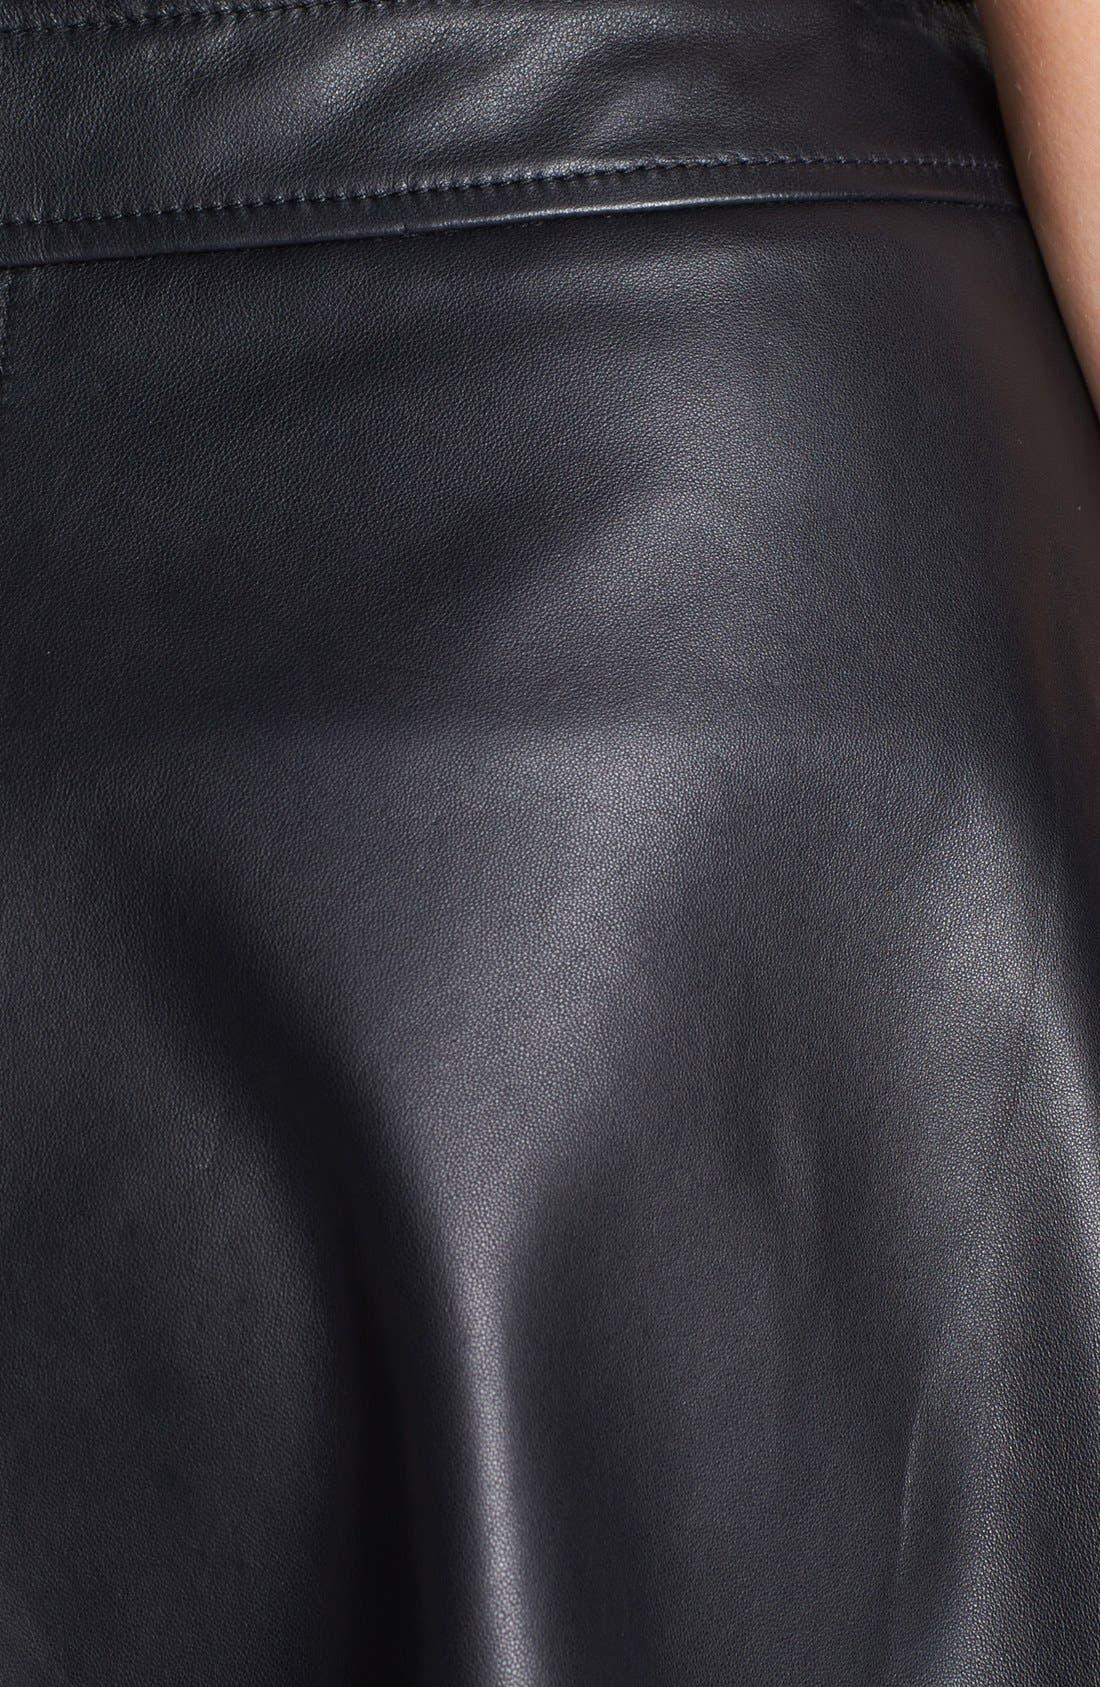 Alternate Image 3  - Trina Turk 'Lanni' Leather Flare Skirt